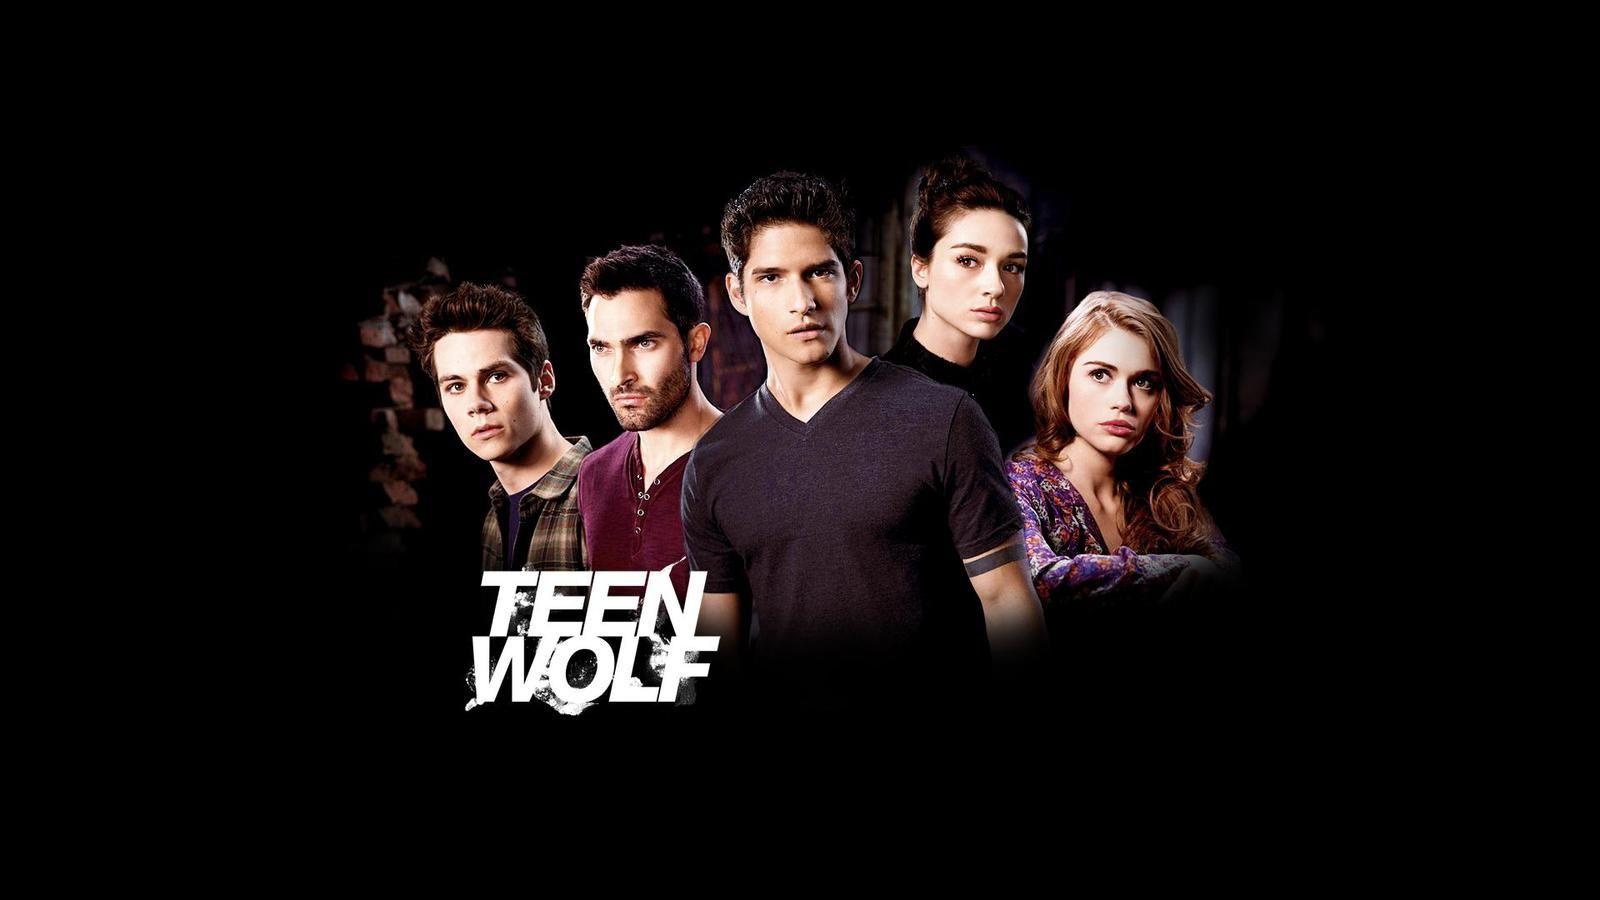 Teen Wolf : une fin de saison floue mais prometteuse !